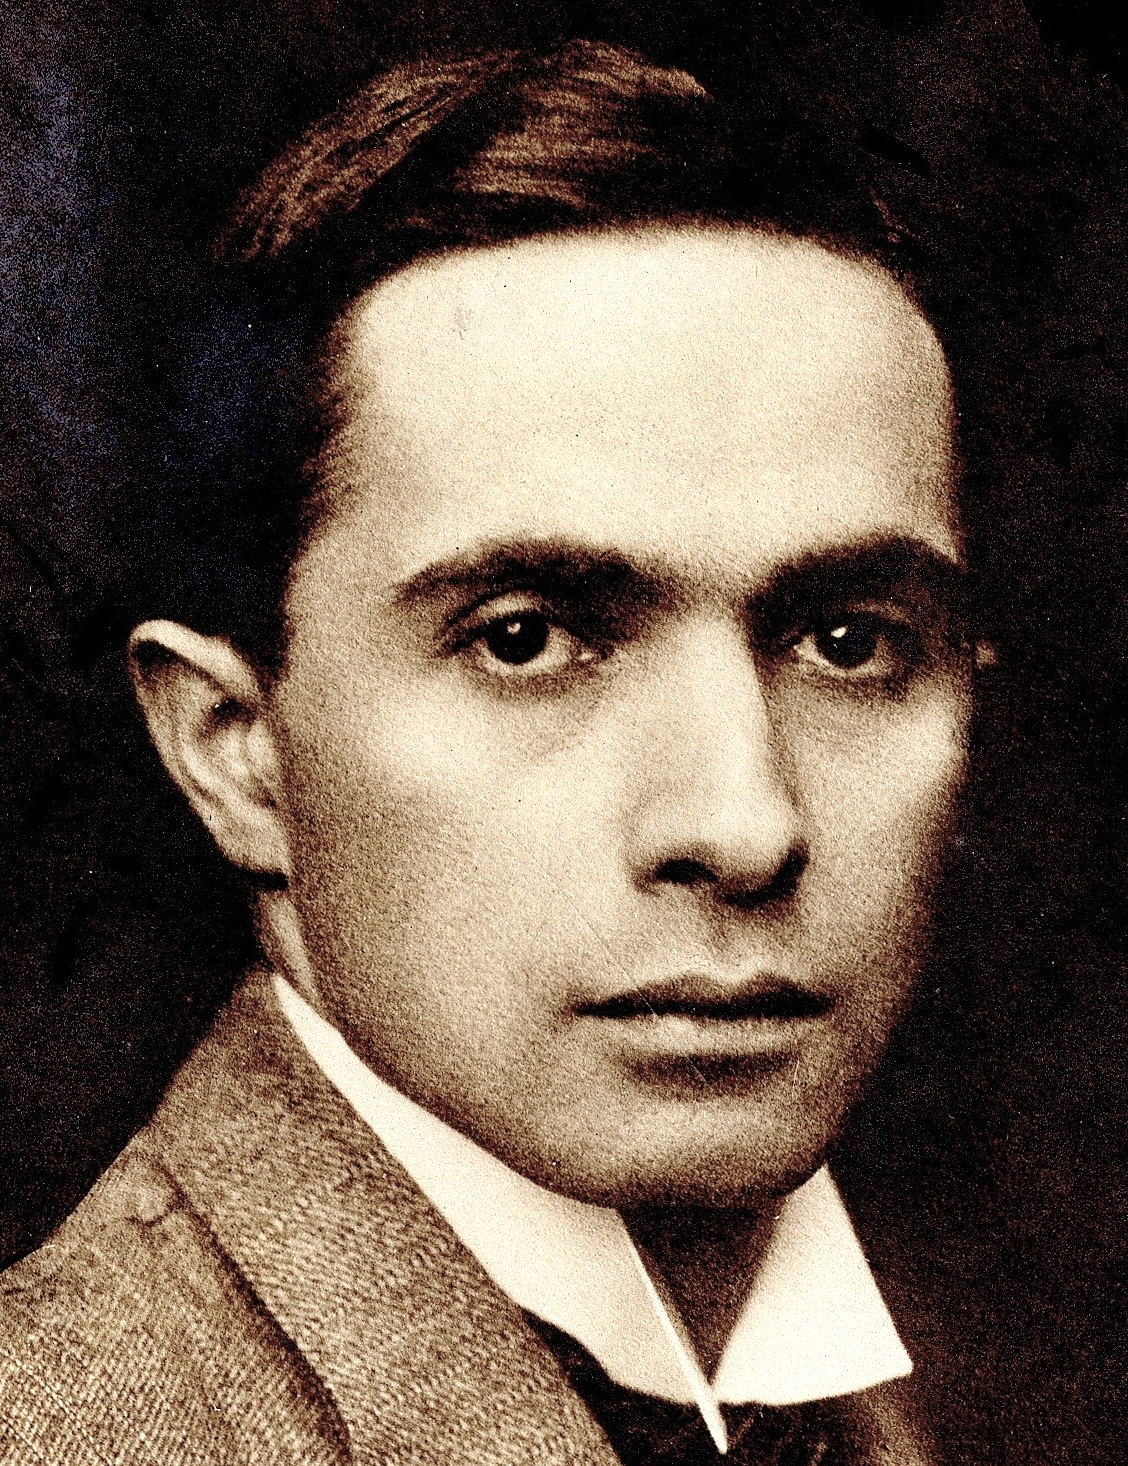 Leyendecker Portrait